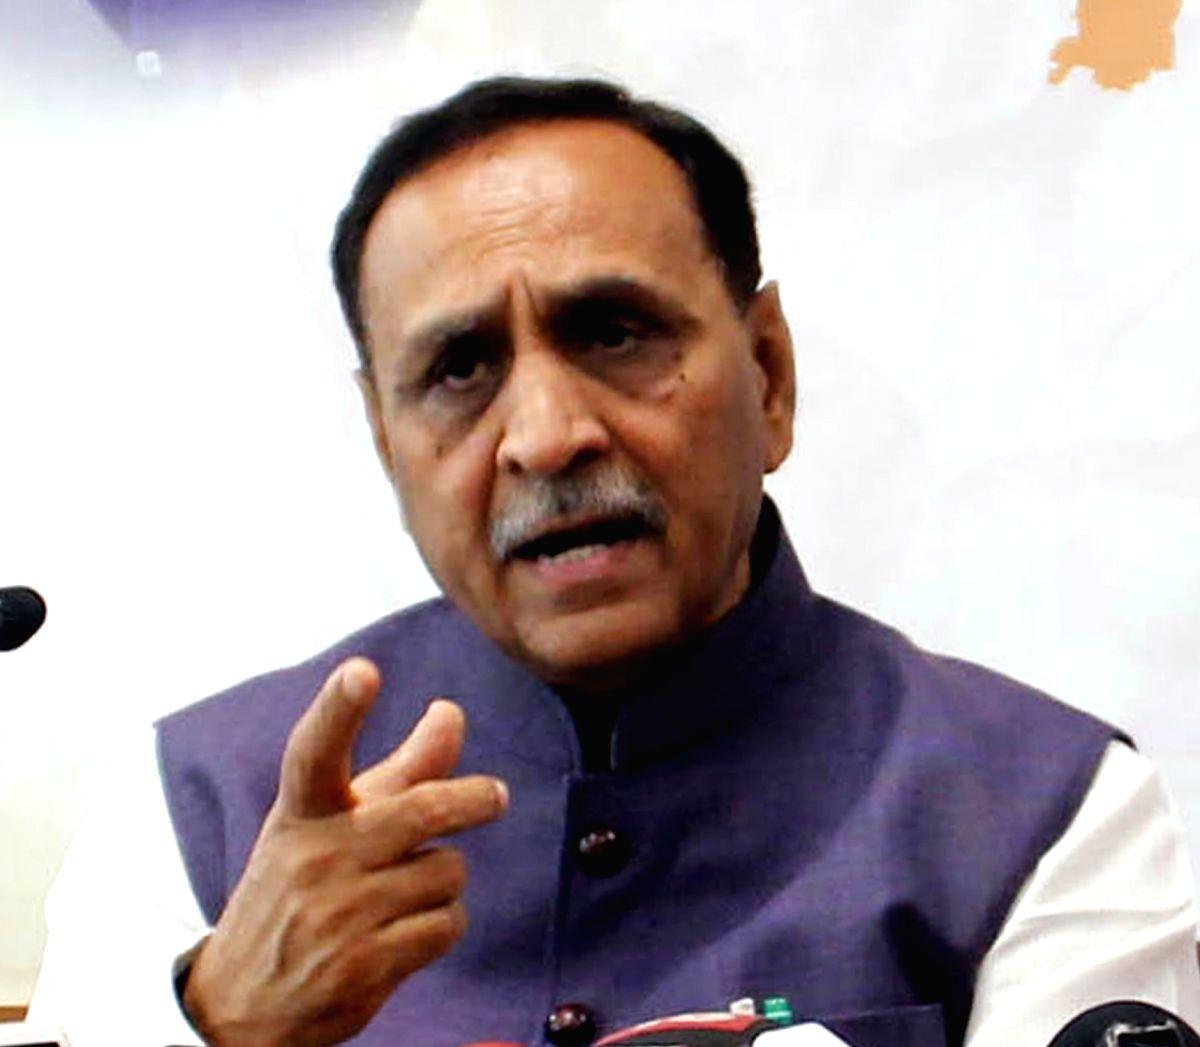 Gujartat BJP chief Vijay Rupani. (File Photo: IANS)